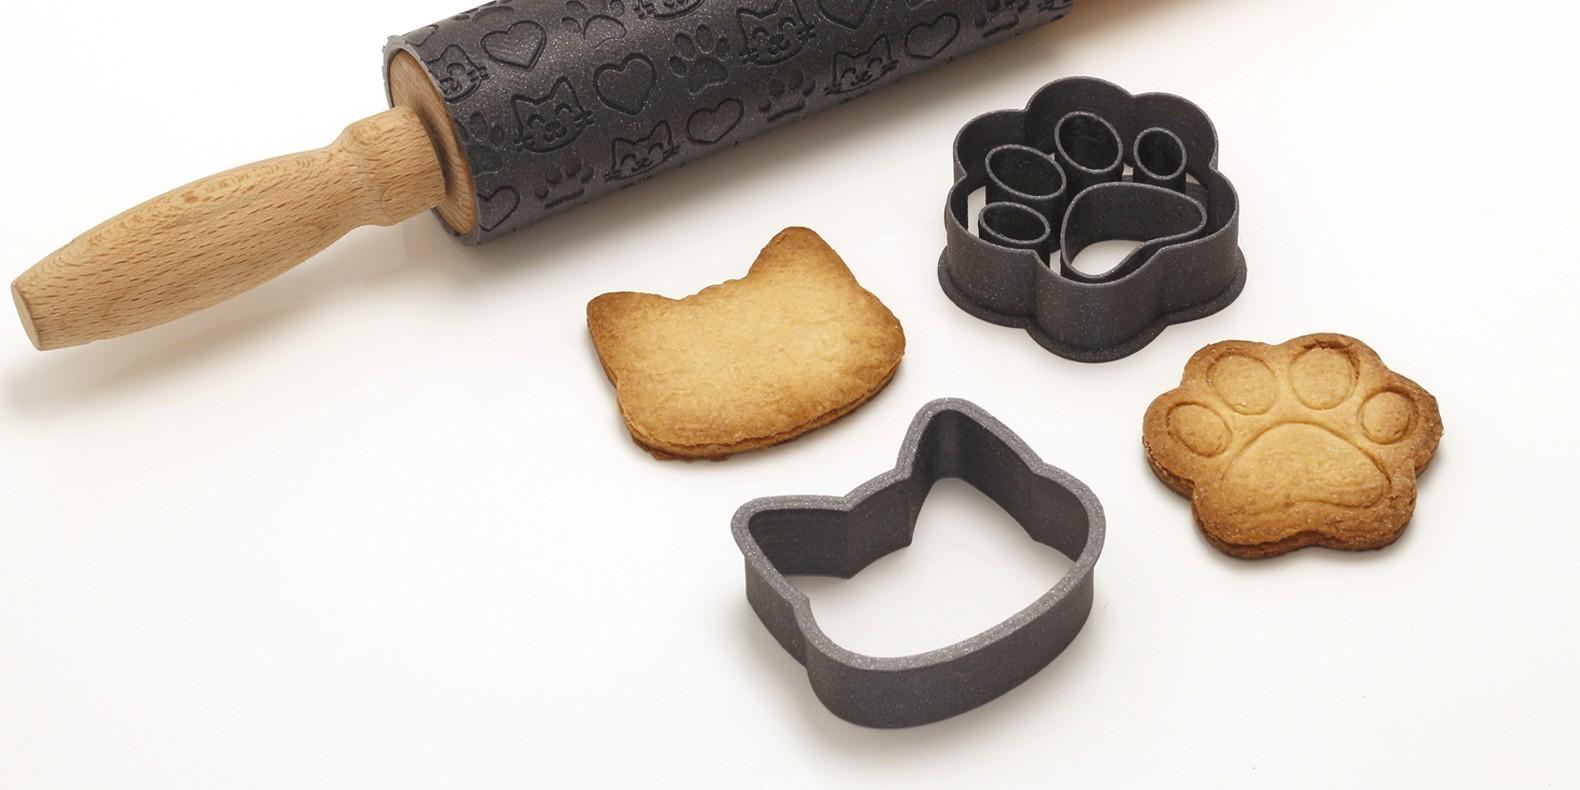 Encuentre aquí una selección de los mejores modelos 3D de cortador de galletas para hacer con una impresora 3D